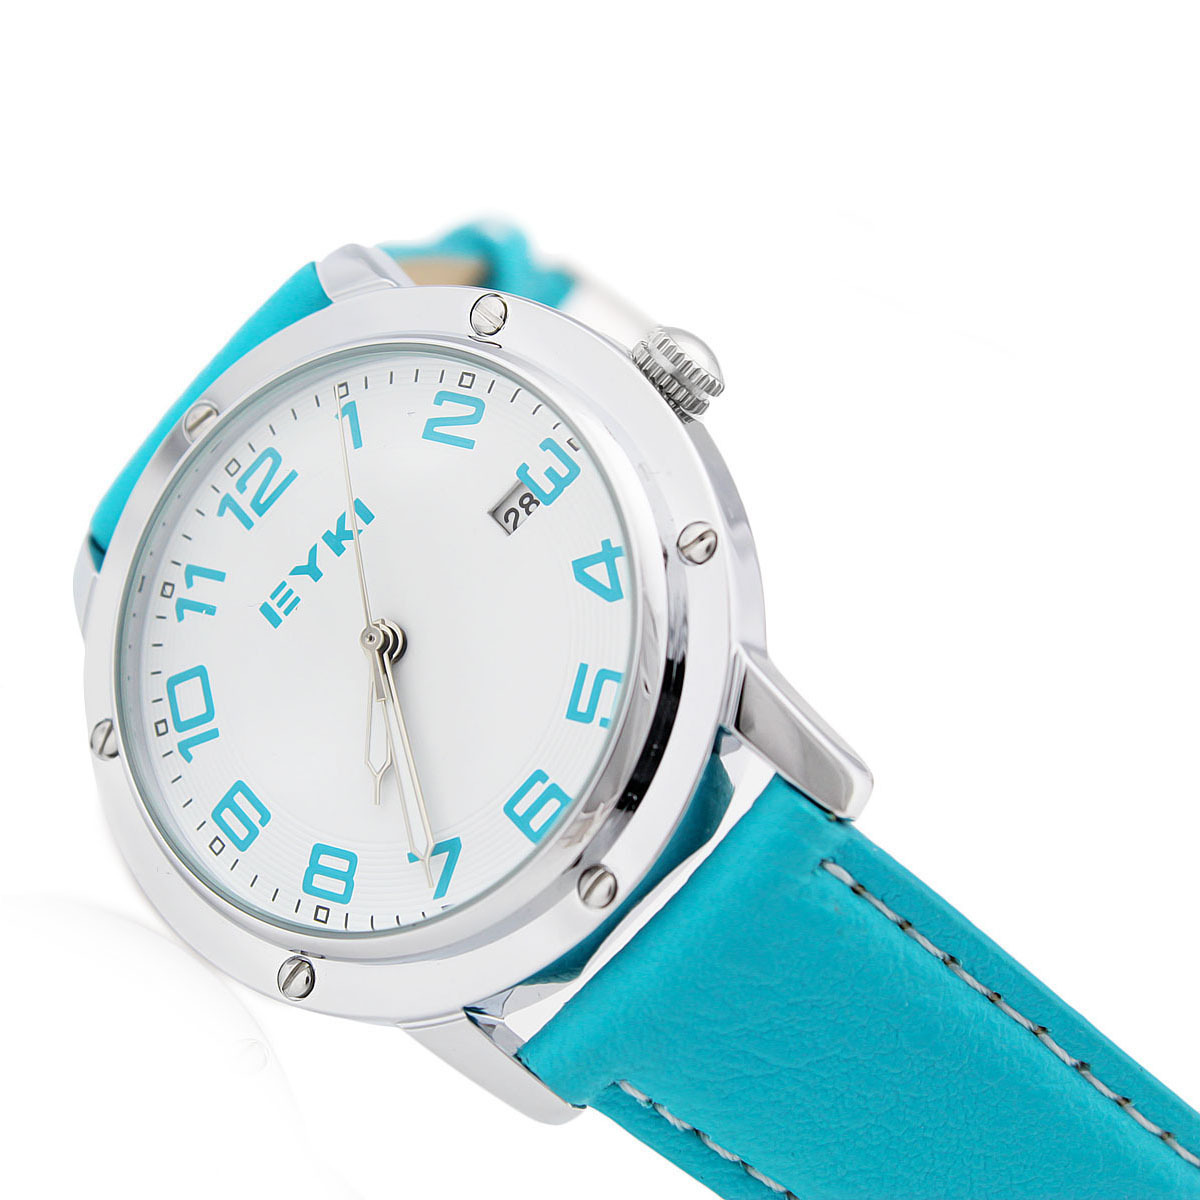 Часы Eyki Zgo 8561 Кварцевые часы Нейтральная форма Китай 2012